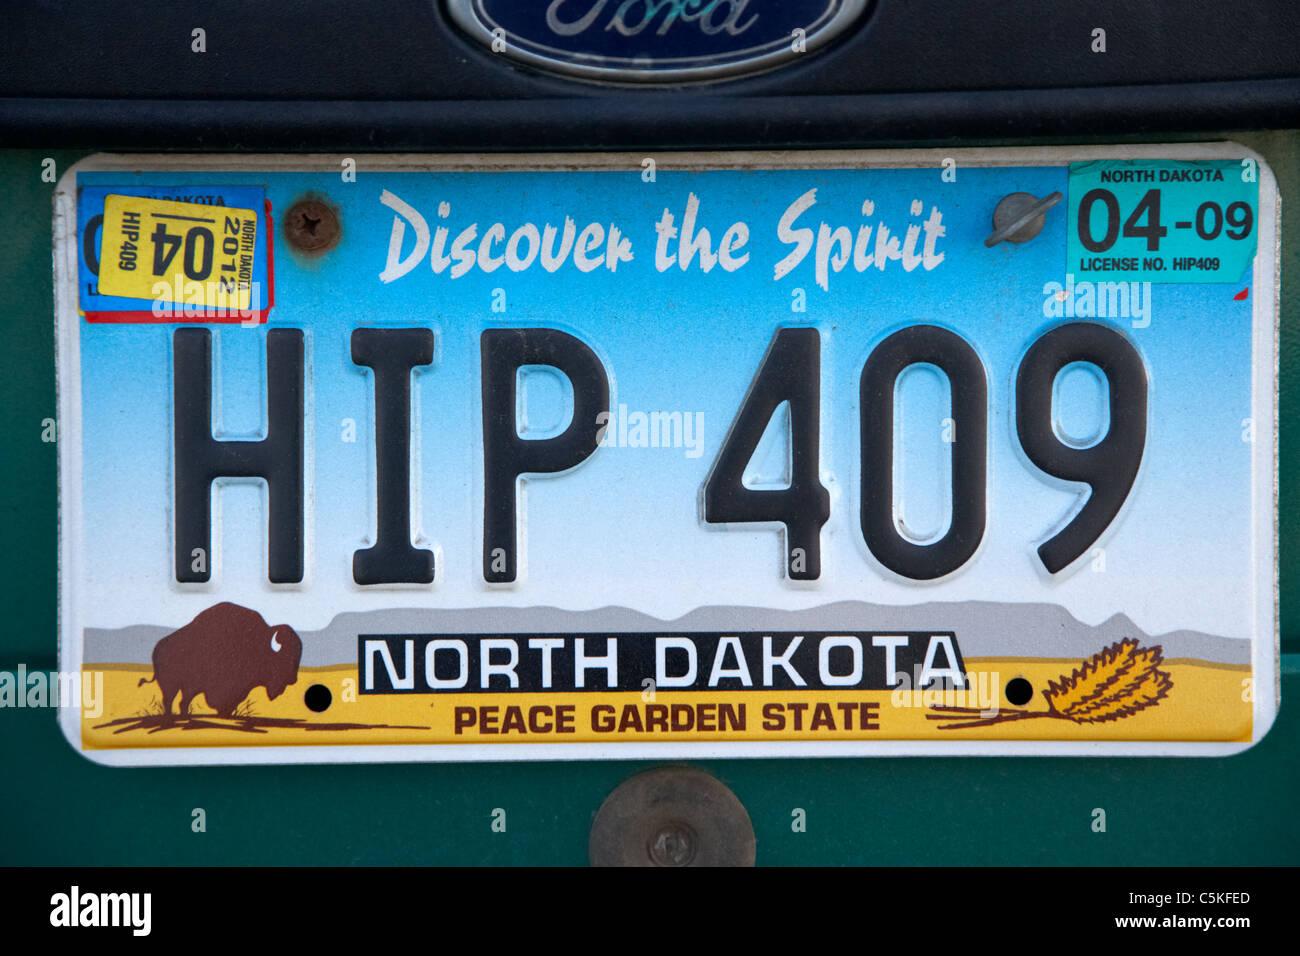 Découvrez l'esprit peace garden state Dakota du nord de l'état de la plaque d'immatriculation Photo Stock